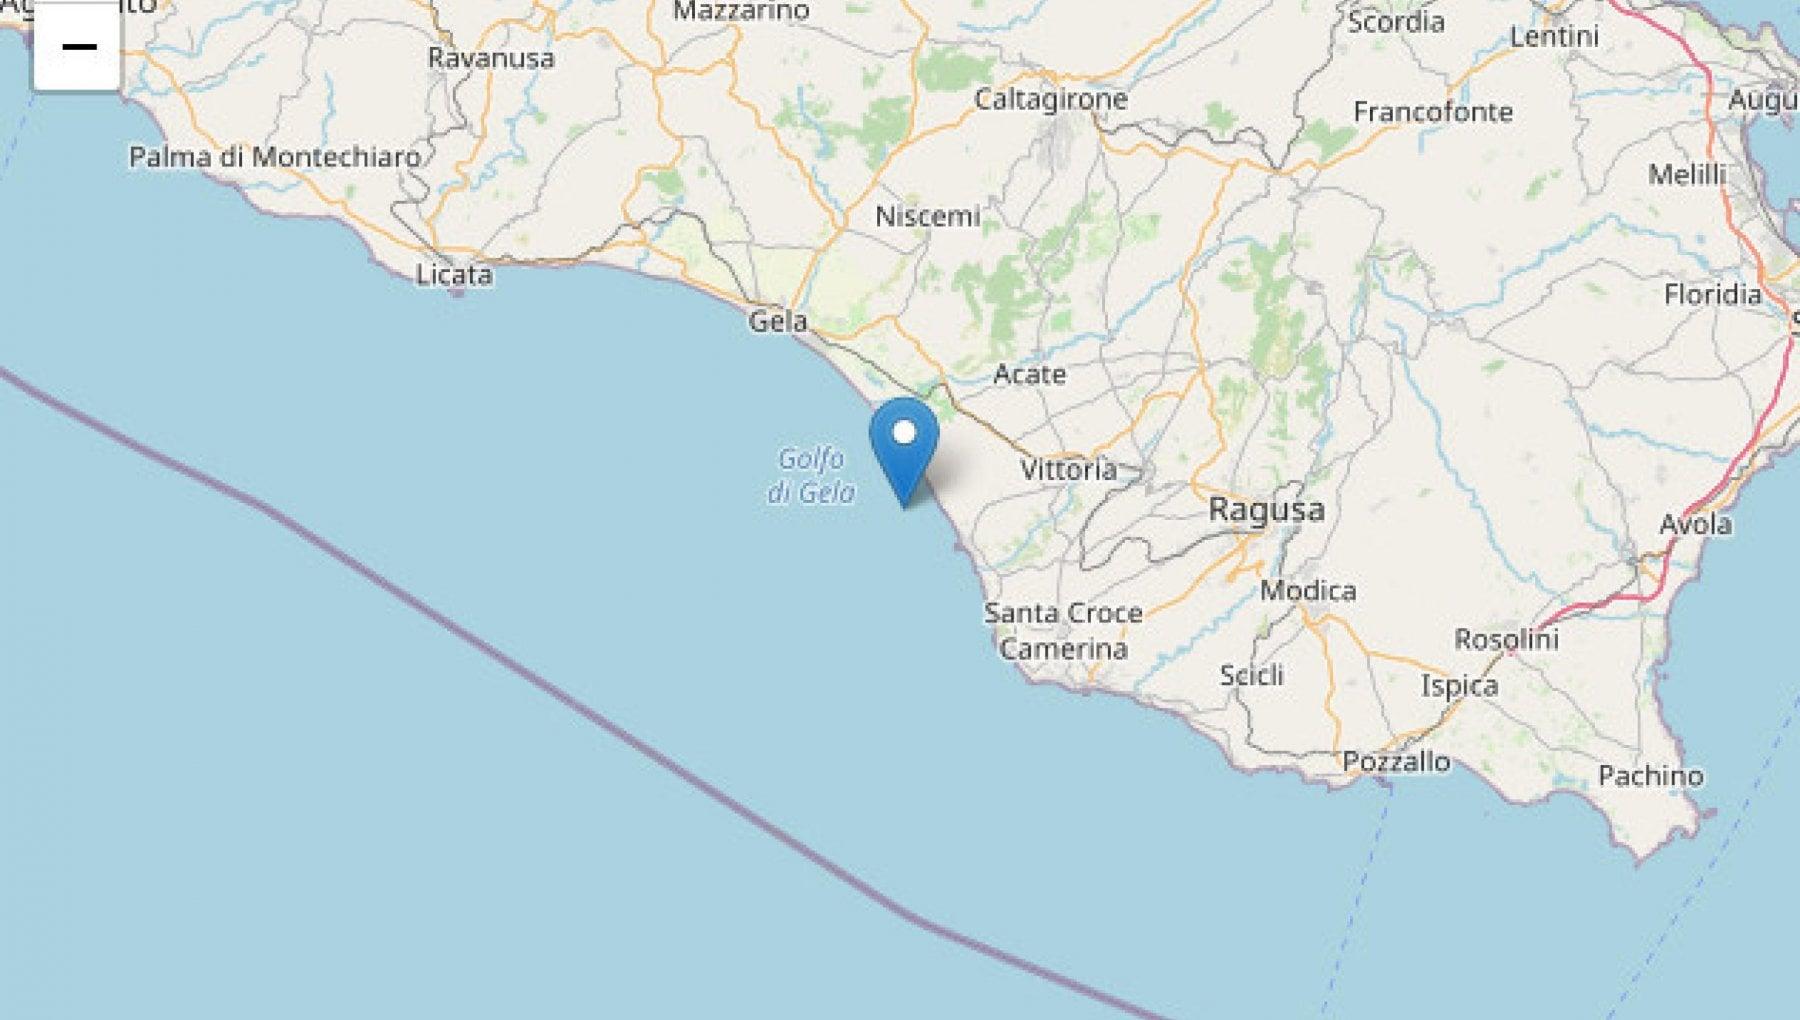 Terremoto di magnitudo 4.4 a Ragusa. La scossa avvertita in tutta la Sicilia orientale